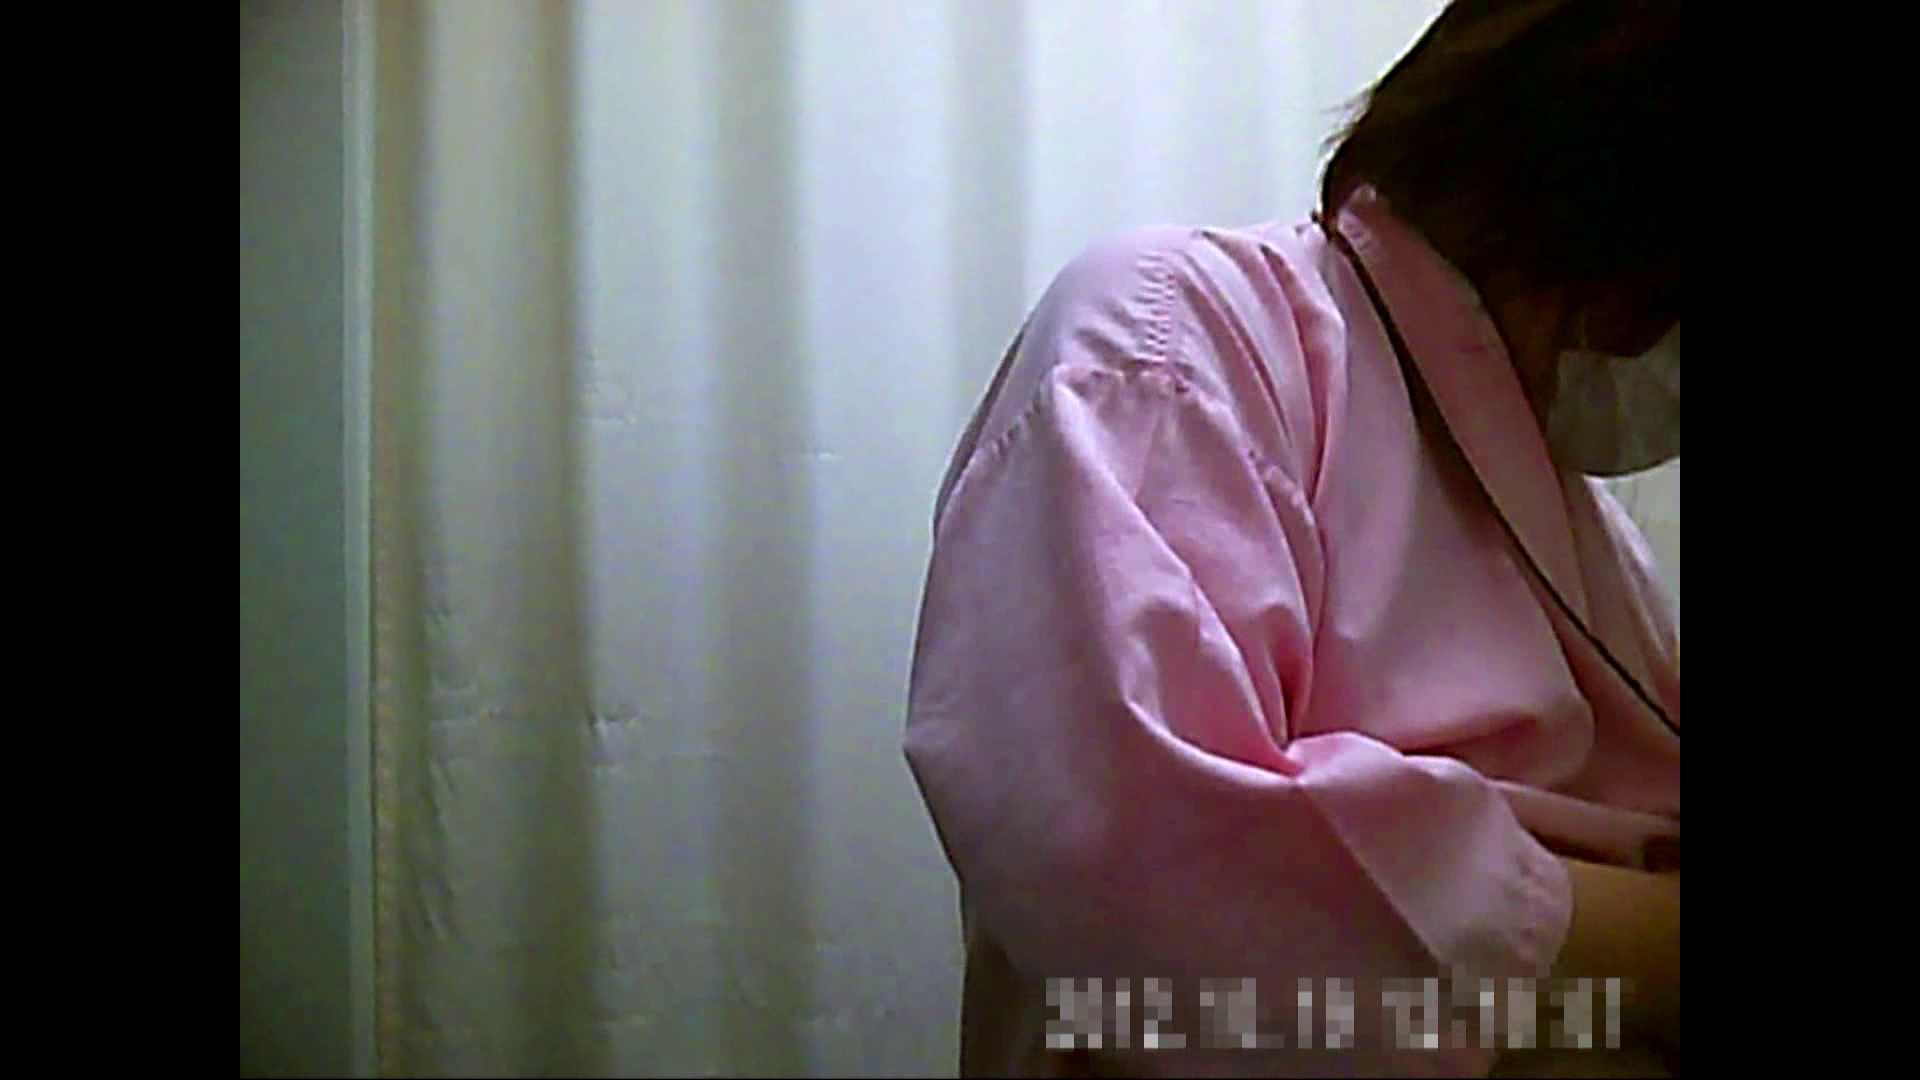 元医者による反抗 更衣室地獄絵巻 vol.052 OLハメ撮り  103Pix 10